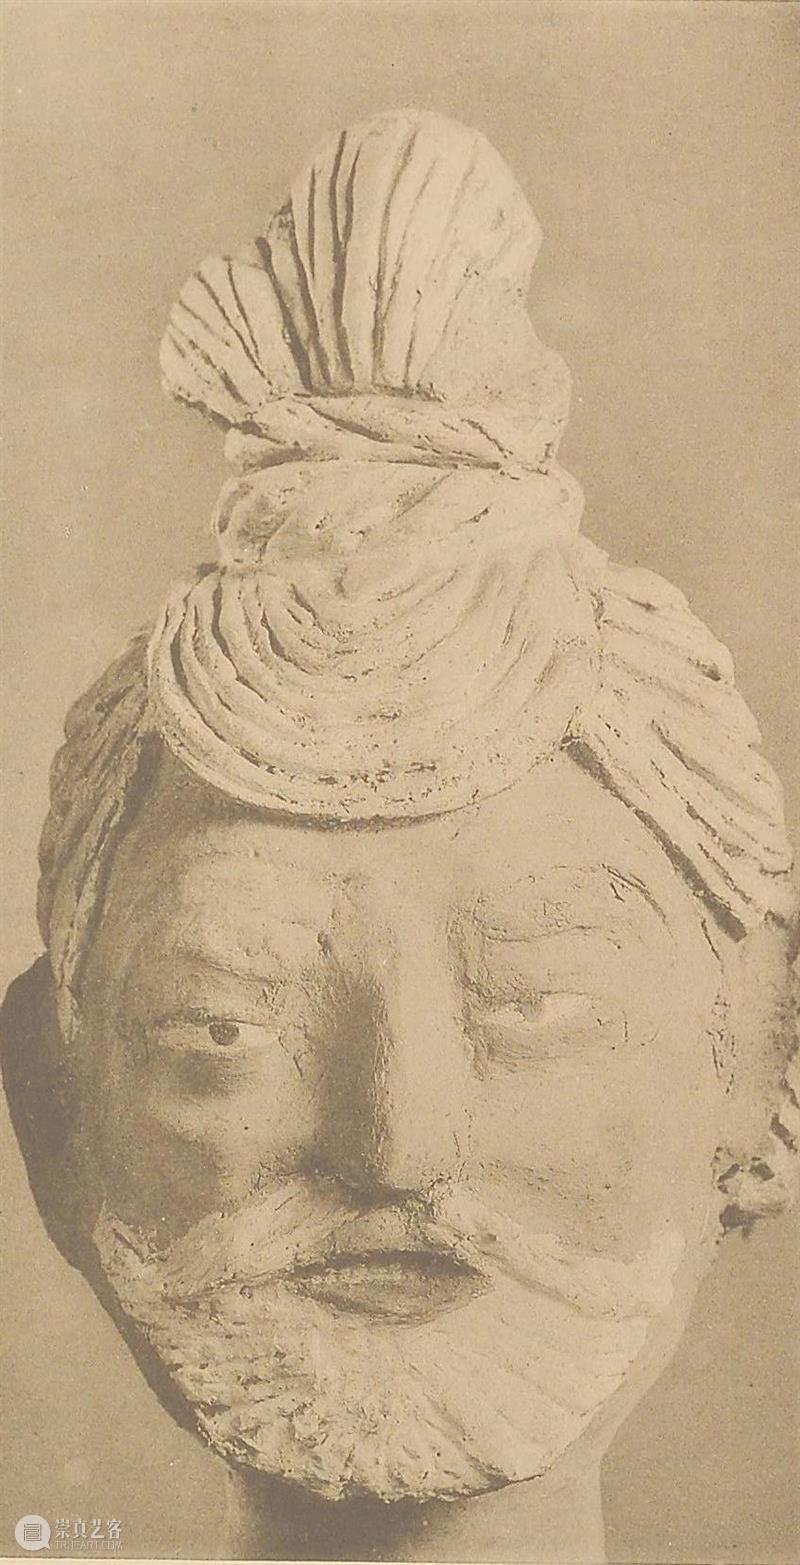 南山供秀   《古代中亚的佛教艺术·第1卷:雕像》电子版免费下载 古代 中亚 佛教 艺术 雕像 南山 电子版 and Grünwedel Kumtura 崇真艺客